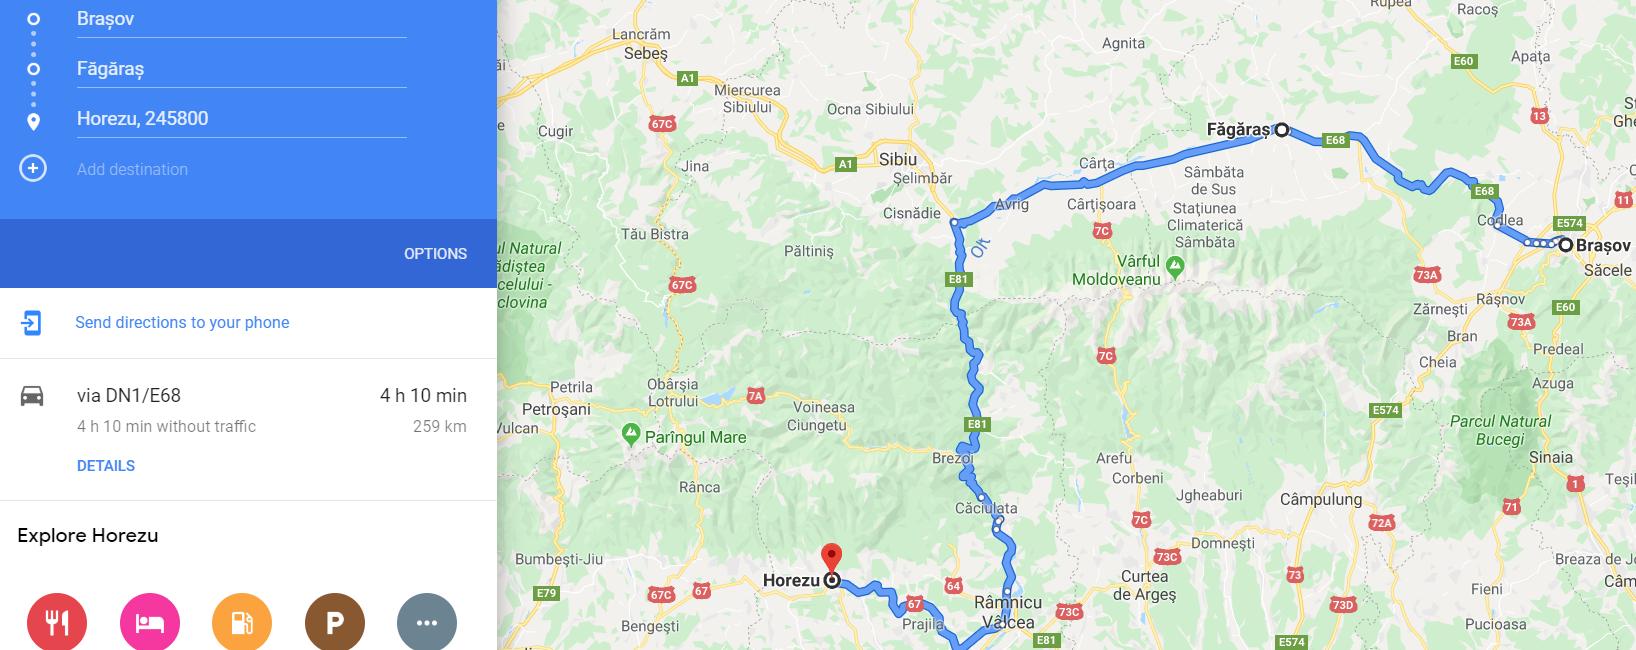 traseu autorulotă brasov făgăraș horezu